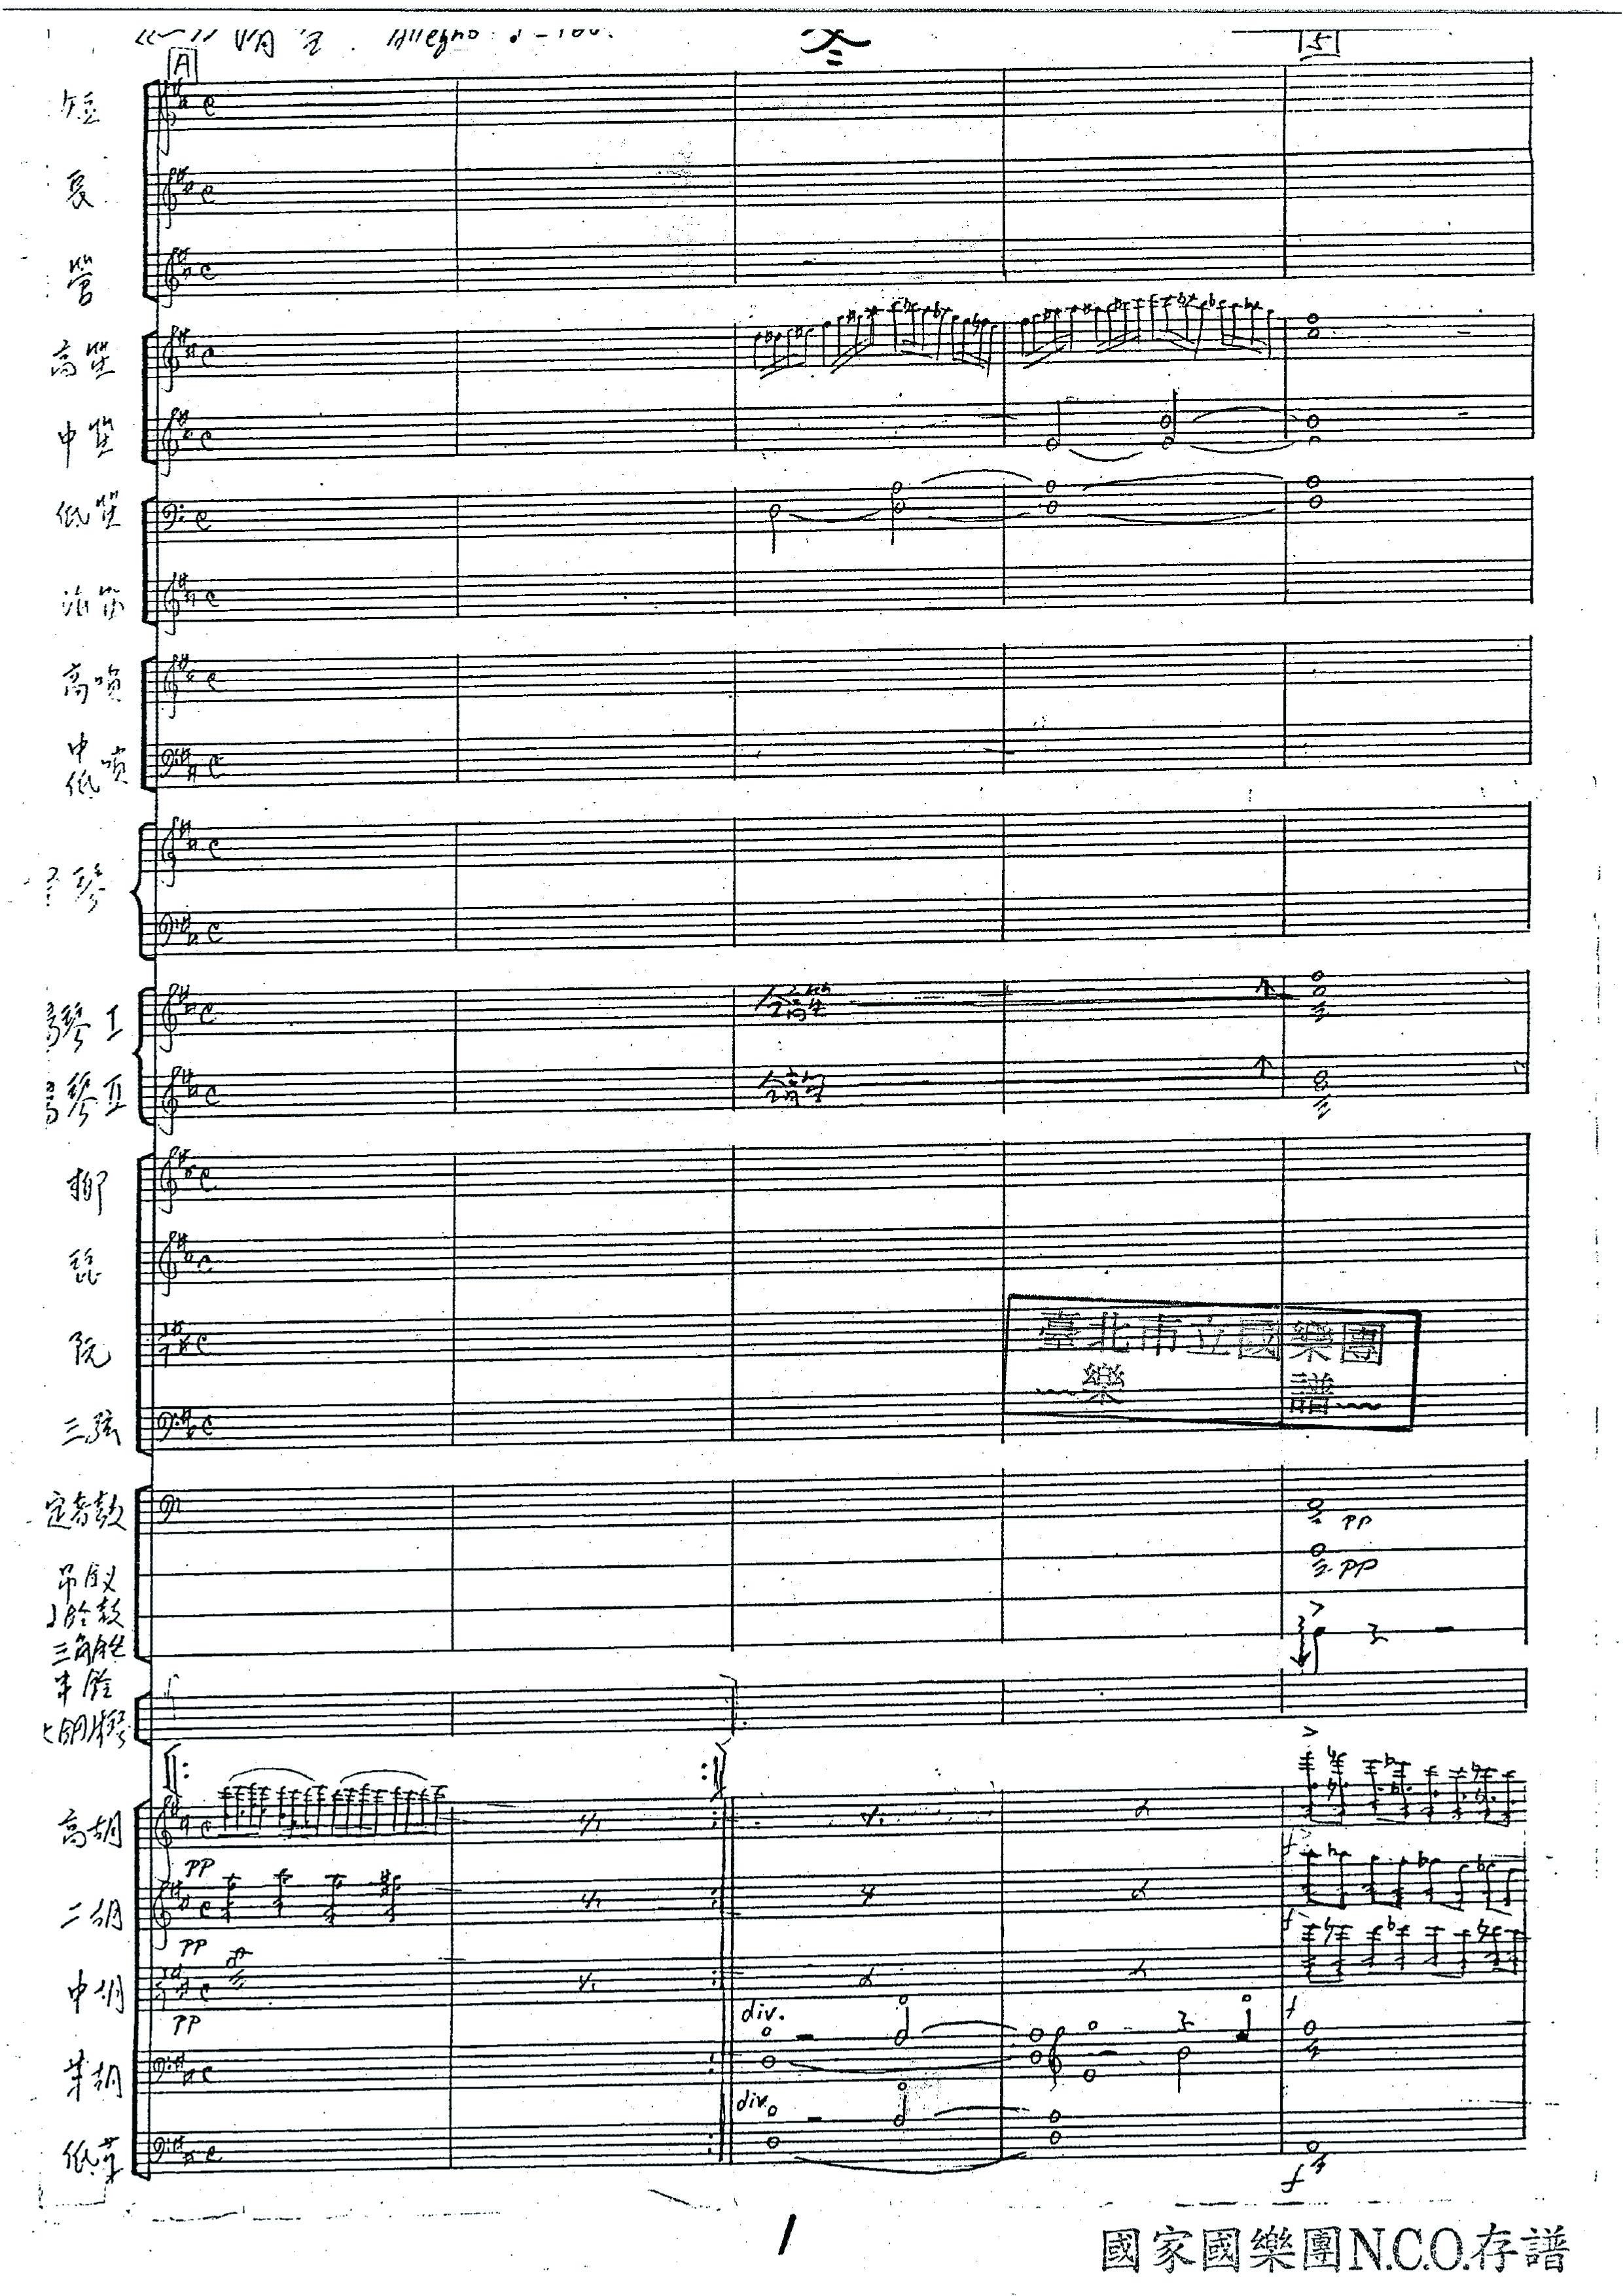 冬-大型民族管弦樂曲作品手抄譜3.jpg